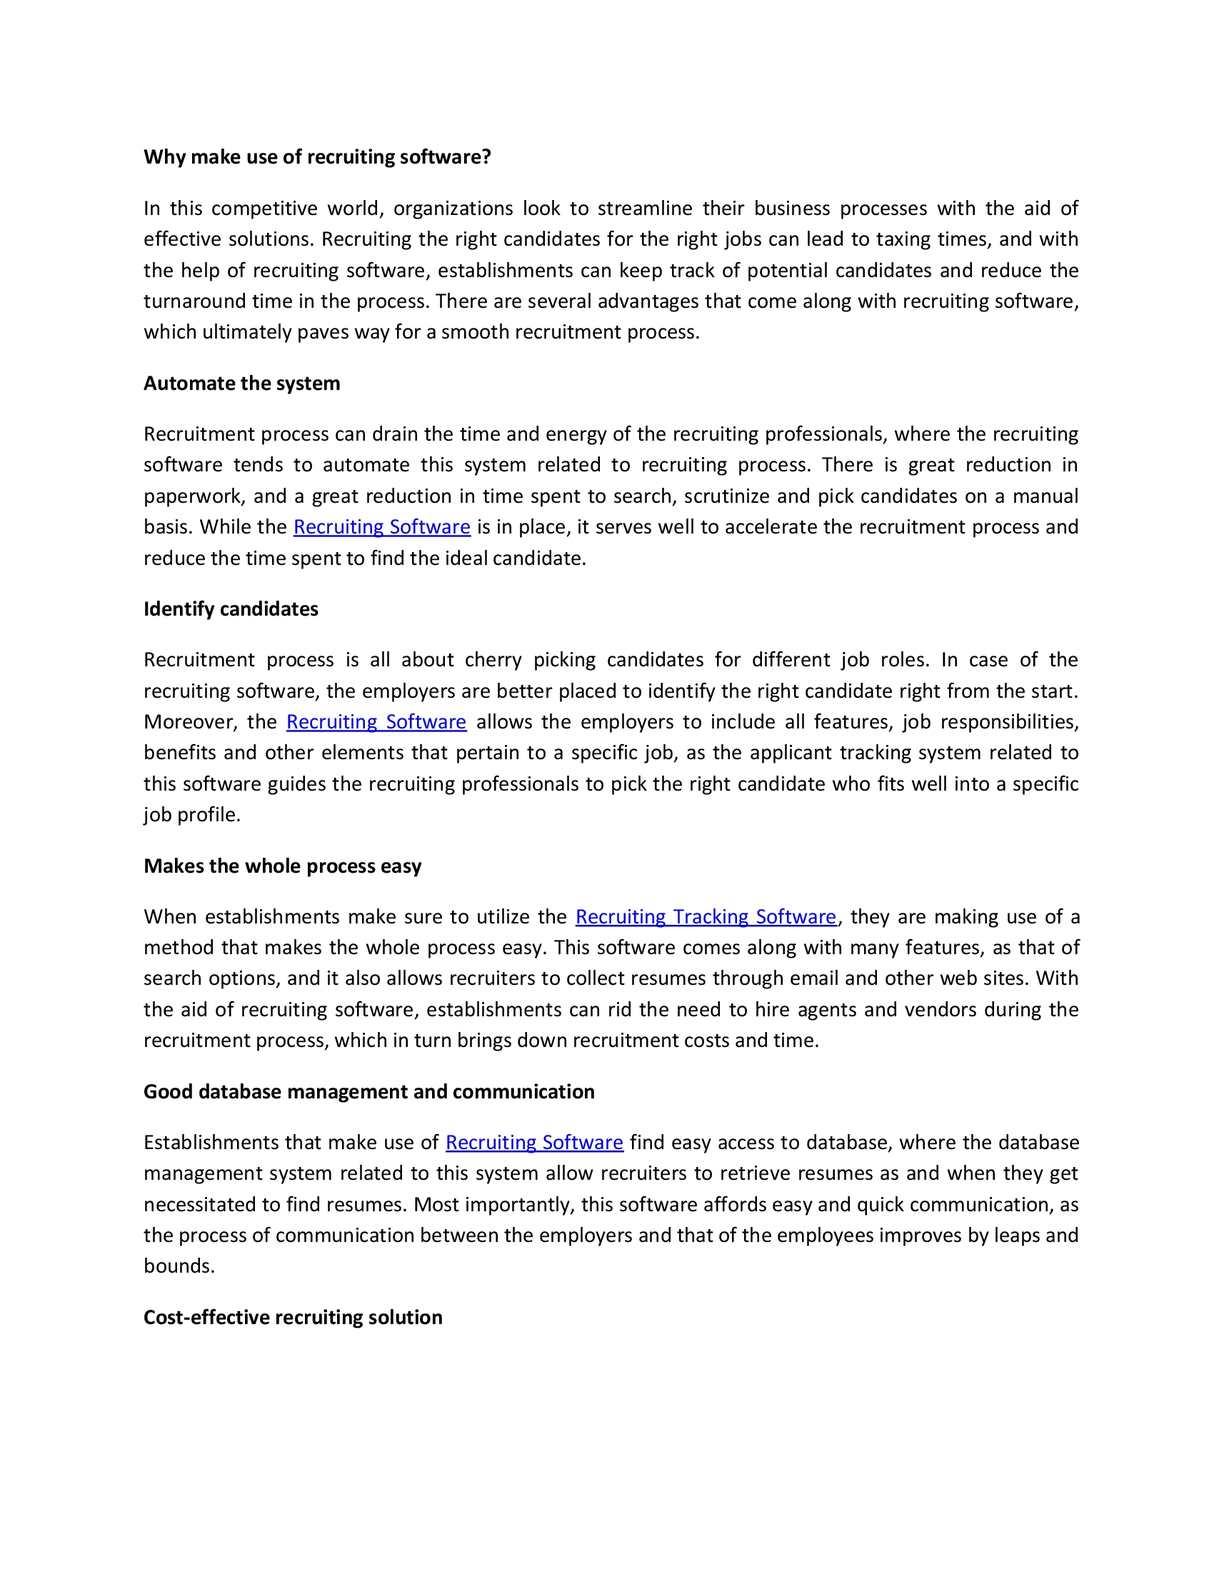 Calaméo - Recruiting software